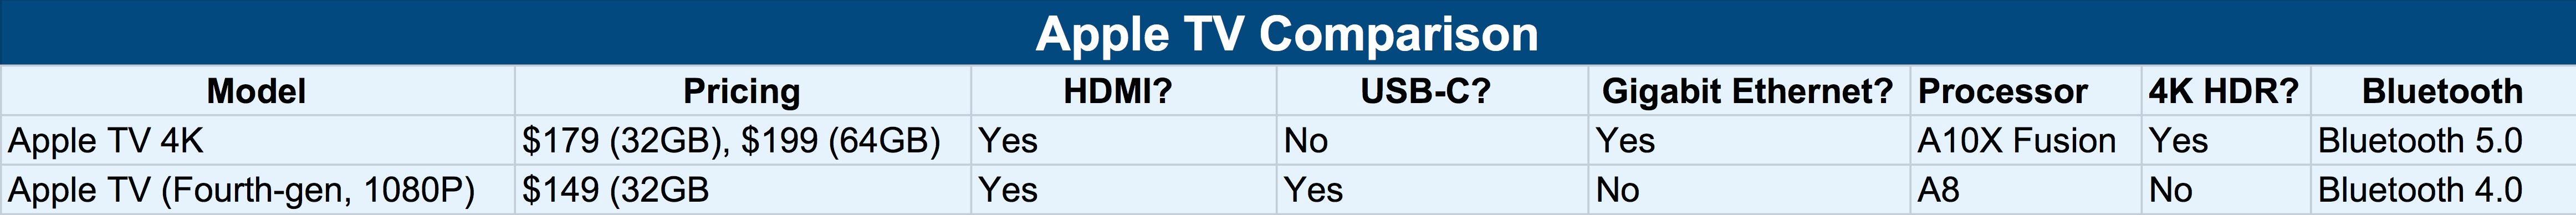 """<span href=""""https://9to5mac.com/2017/09/14/apple-tv-price-specs-comparison/"""">la Comparación: Cómo el nuevo Apple TV 4K se compara con la de su predecesor</a>"""